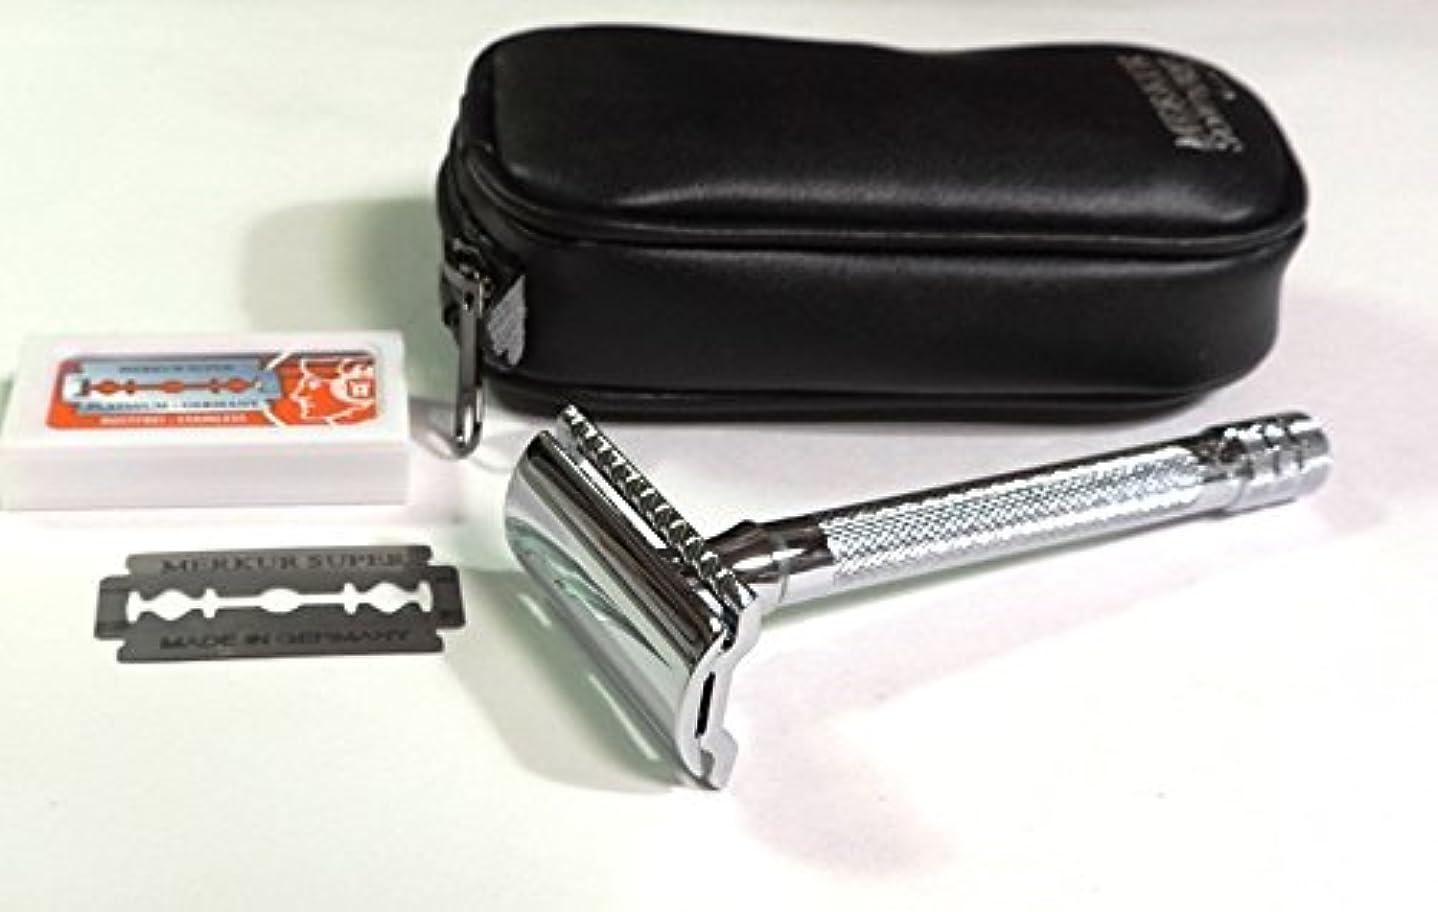 リサイクルするアレルギー墓地ゾーリンゲン メルクールMERKUR(独)髭剃り(ひげそり)両刃ホルダー23C 替刃11枚、携帯ポーチ付